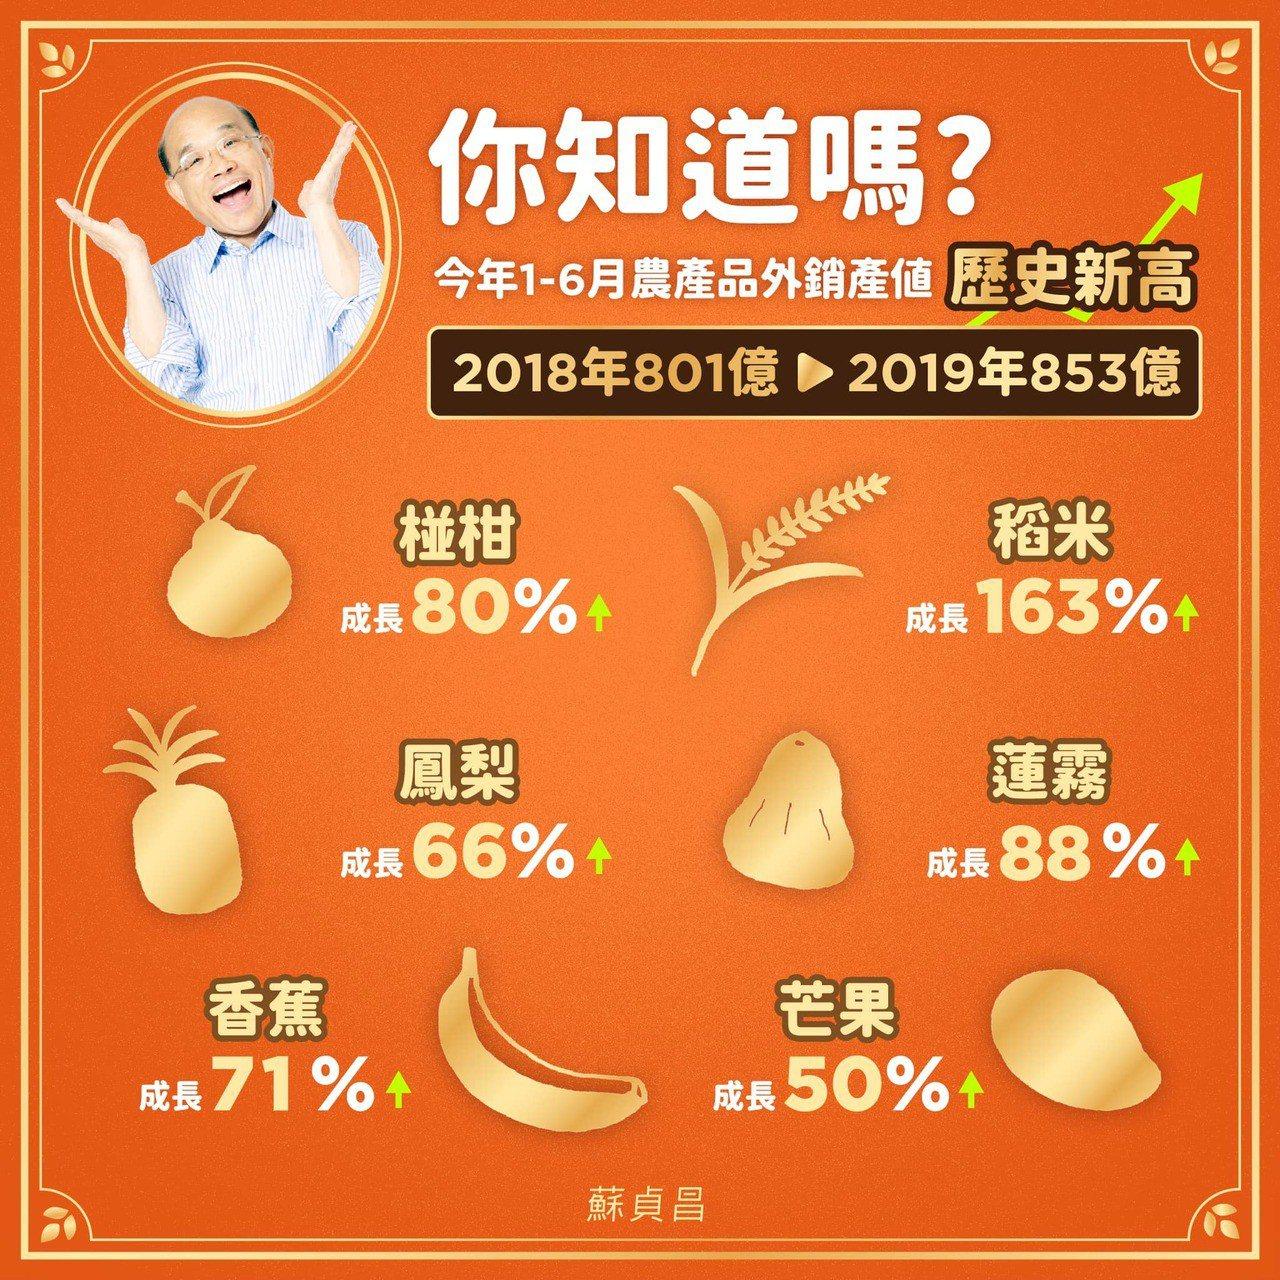 行政院長蘇貞昌接連在網路社群發文,宣布今年上半年水果出口已打破去年全年的紀錄,農...